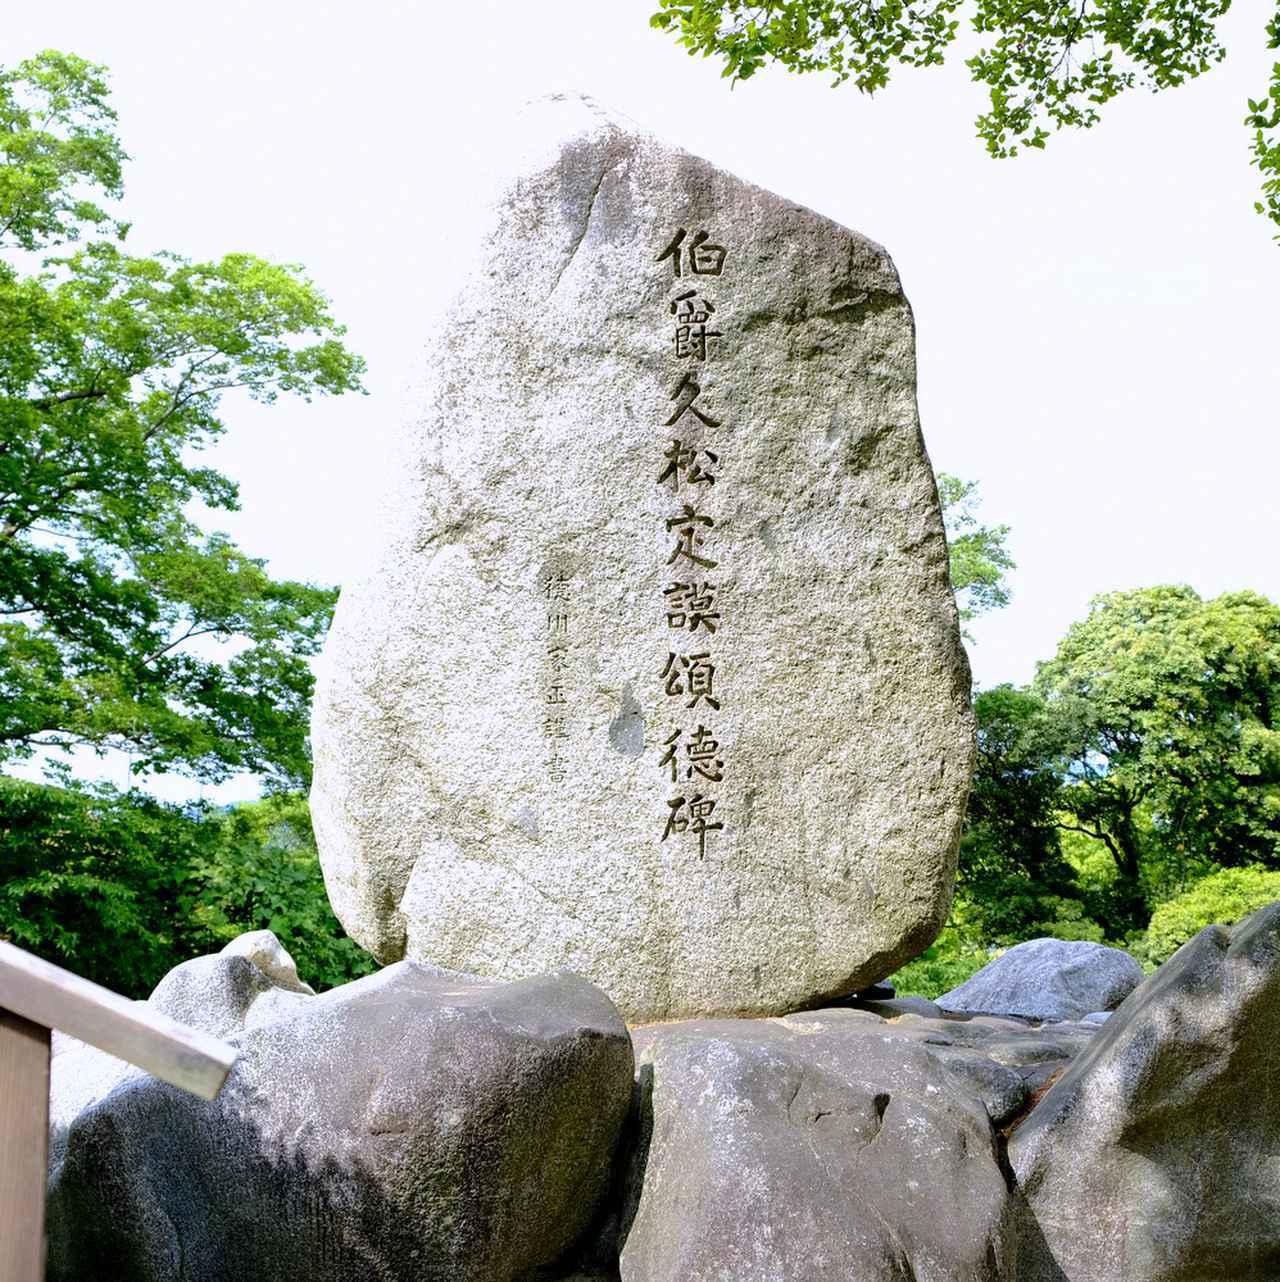 画像: 敷地内には記念碑が建てられていました。松山藩当主であった「久松定謨」により松山市に城を寄付したことを記念し昭和30年に建立。寄付する際、城の維持費として4万円も贈られたということです。久松定謨は、前述の「萬翠荘」を建設した人でもあり、松山を代表する偉人ですね。